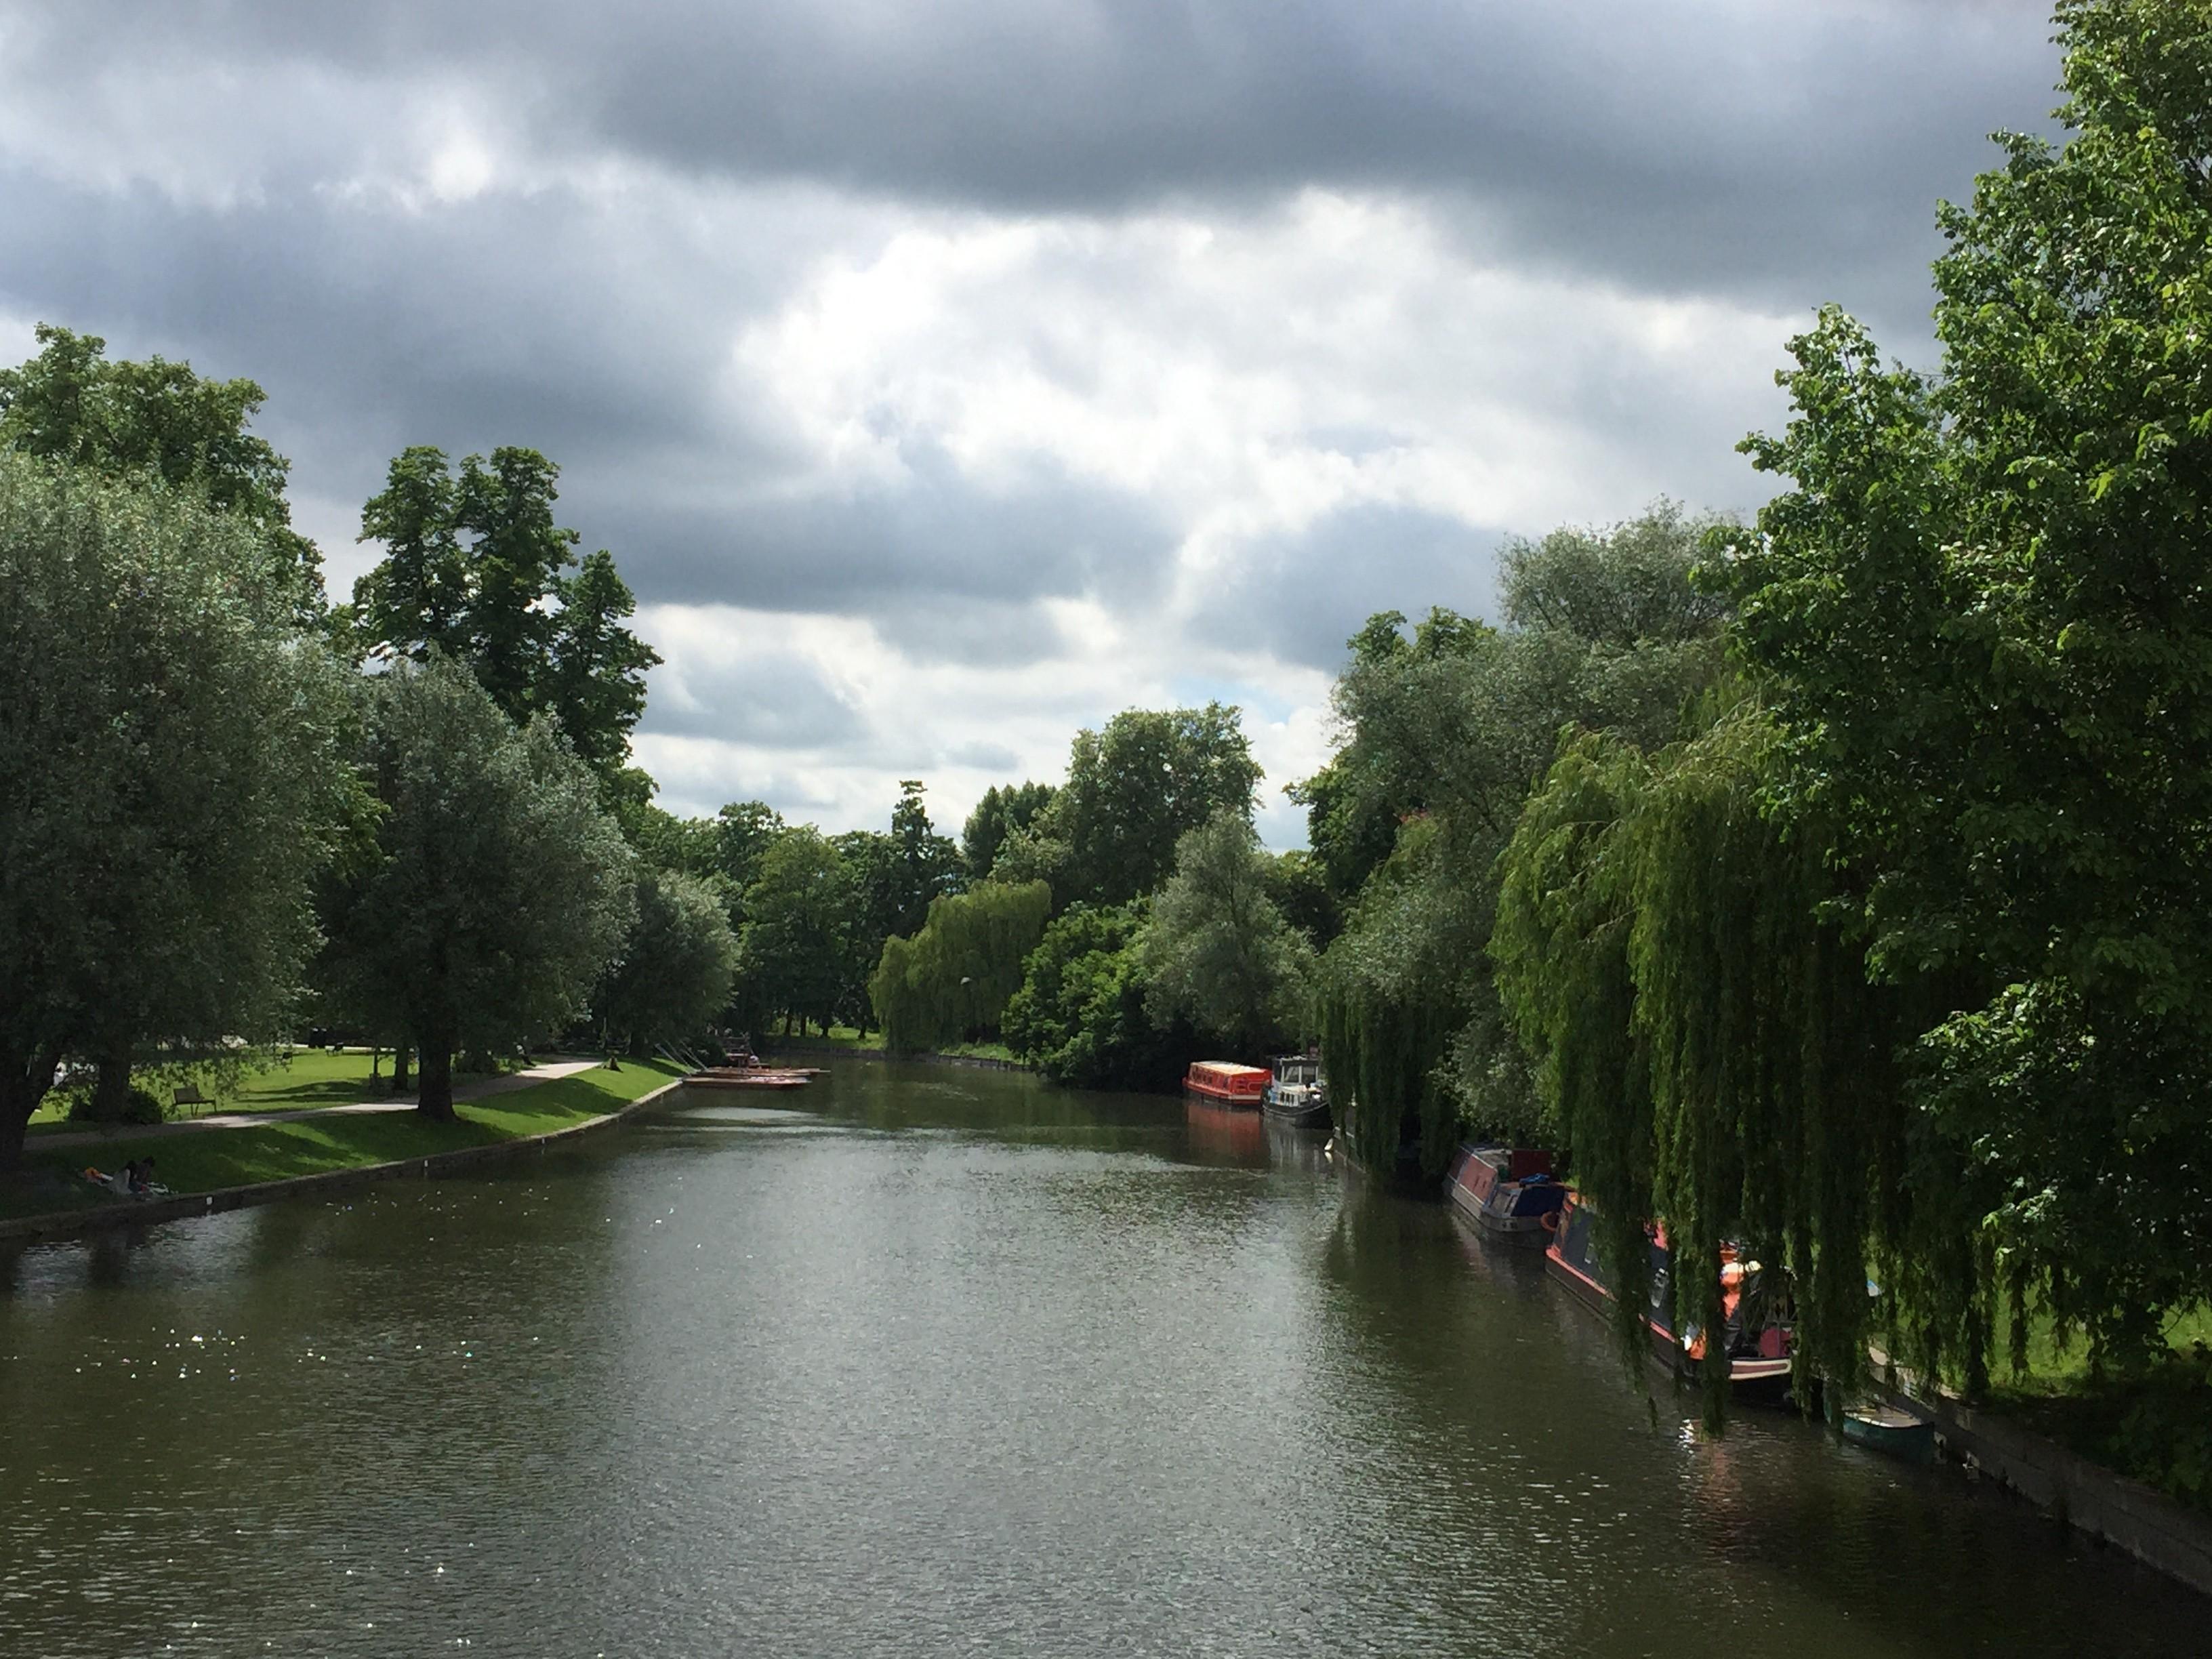 River Cam, em uma parte mais calma, onde muitas pessoas fazem picnics, correm, caminham às suas margens (Foto: Fernanda Lopes de Macedo Thees)